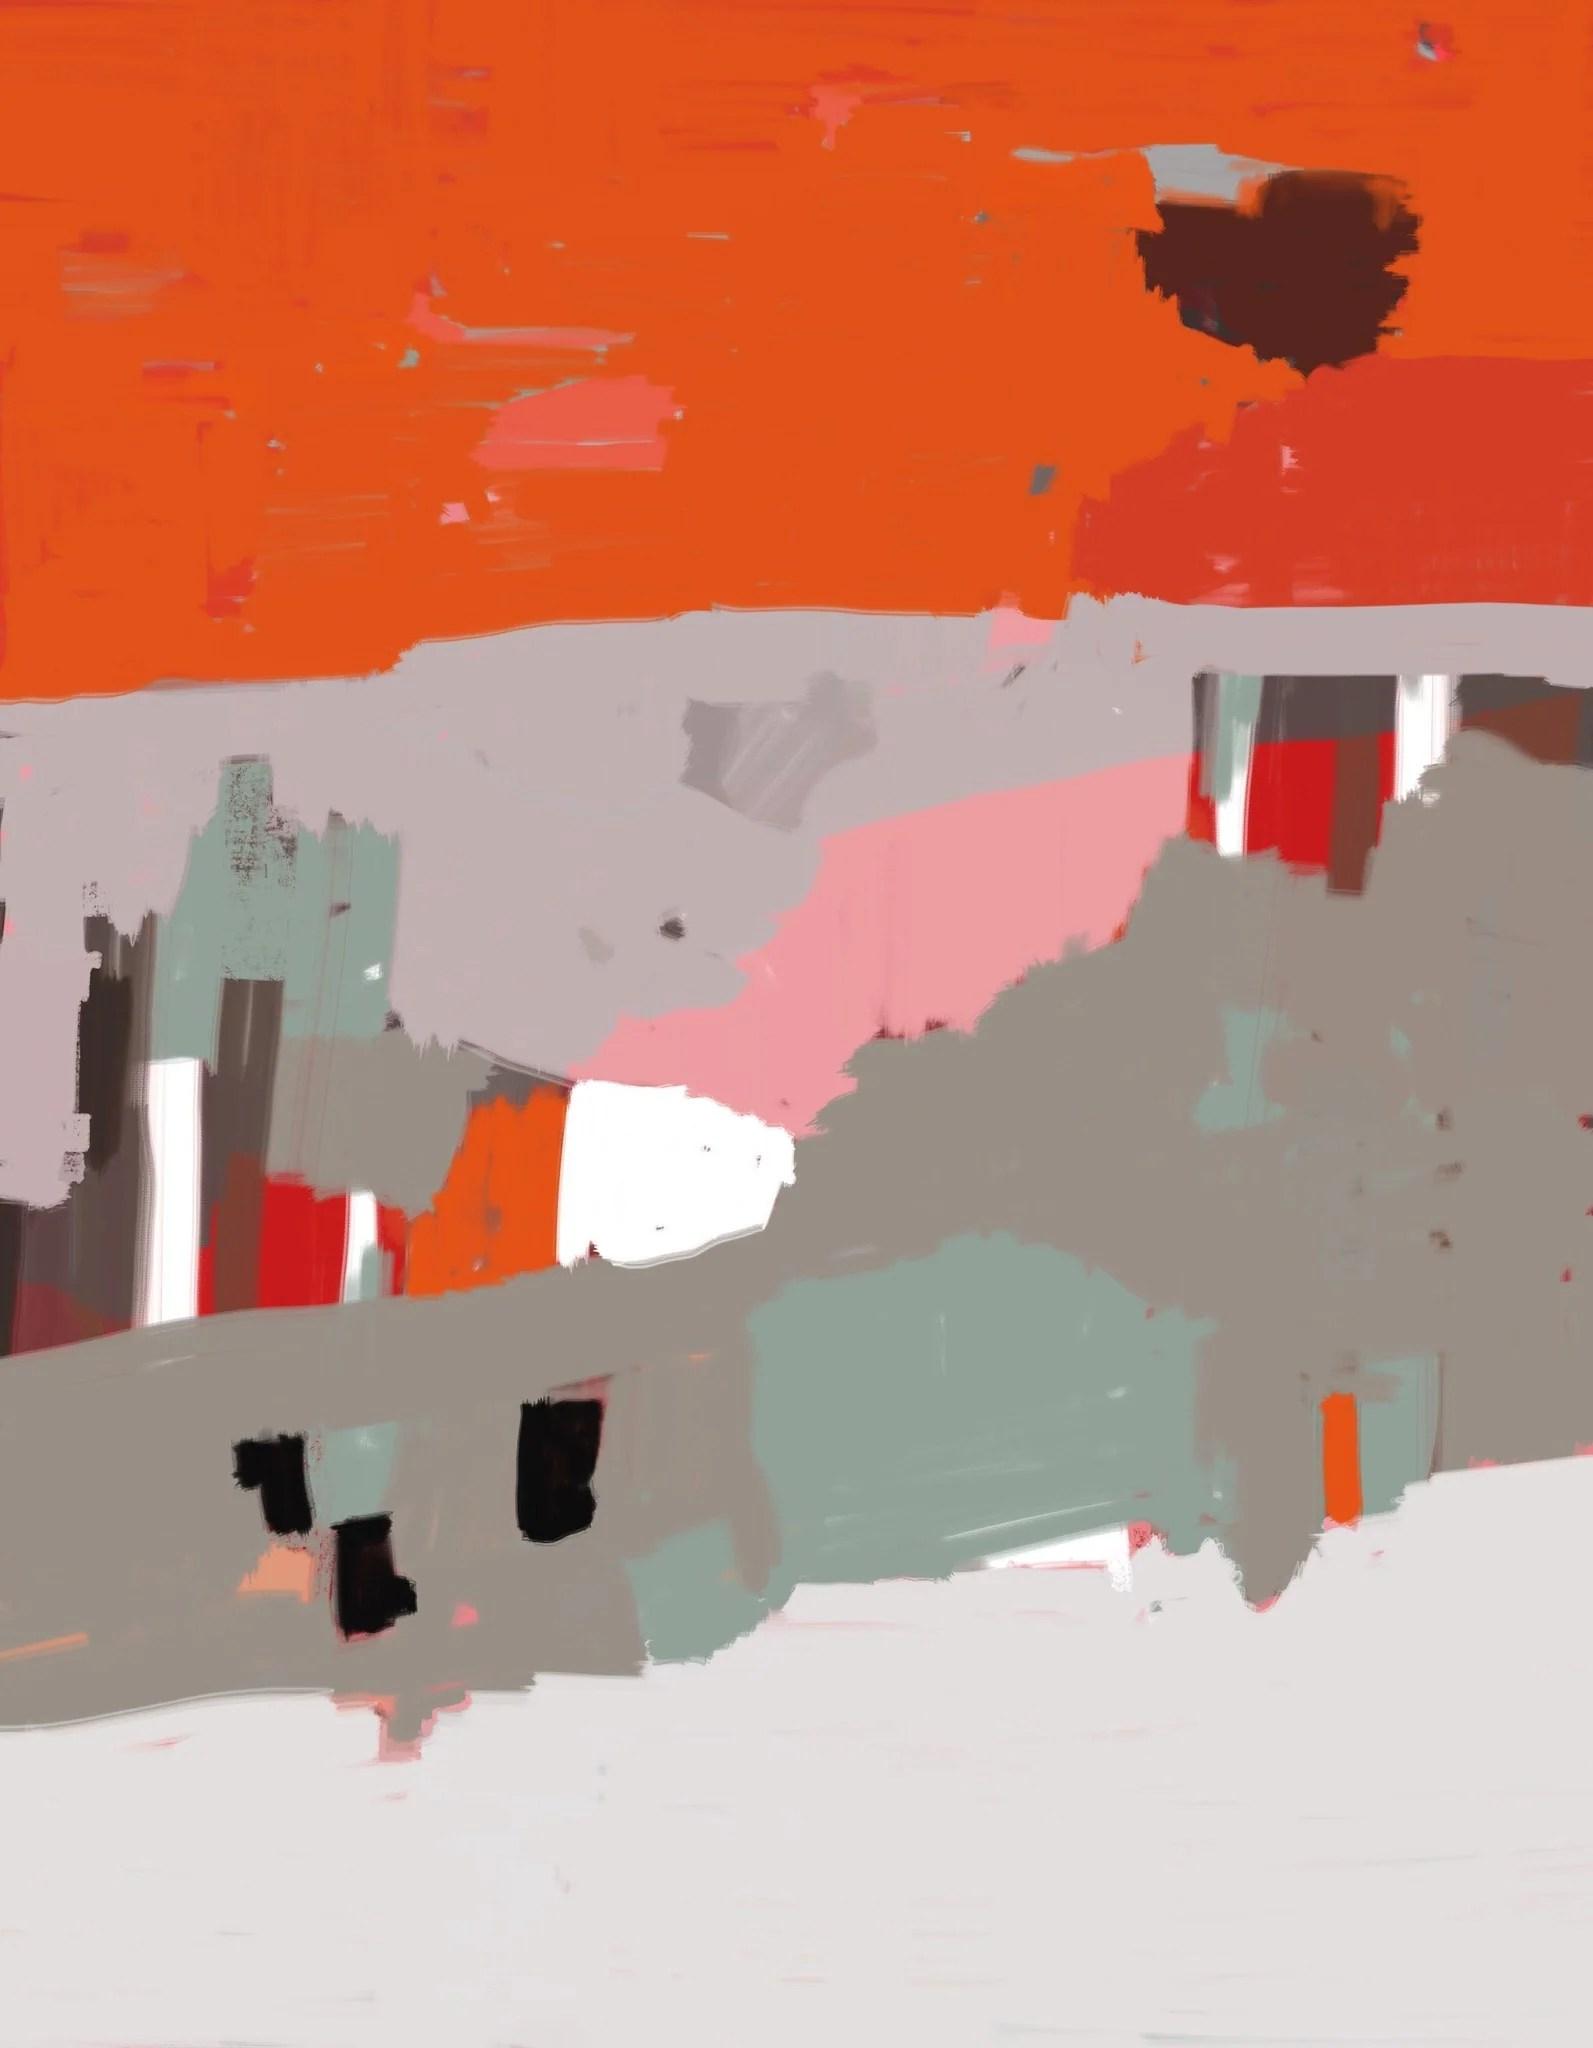 paysage abstrait colore orange gris ocre